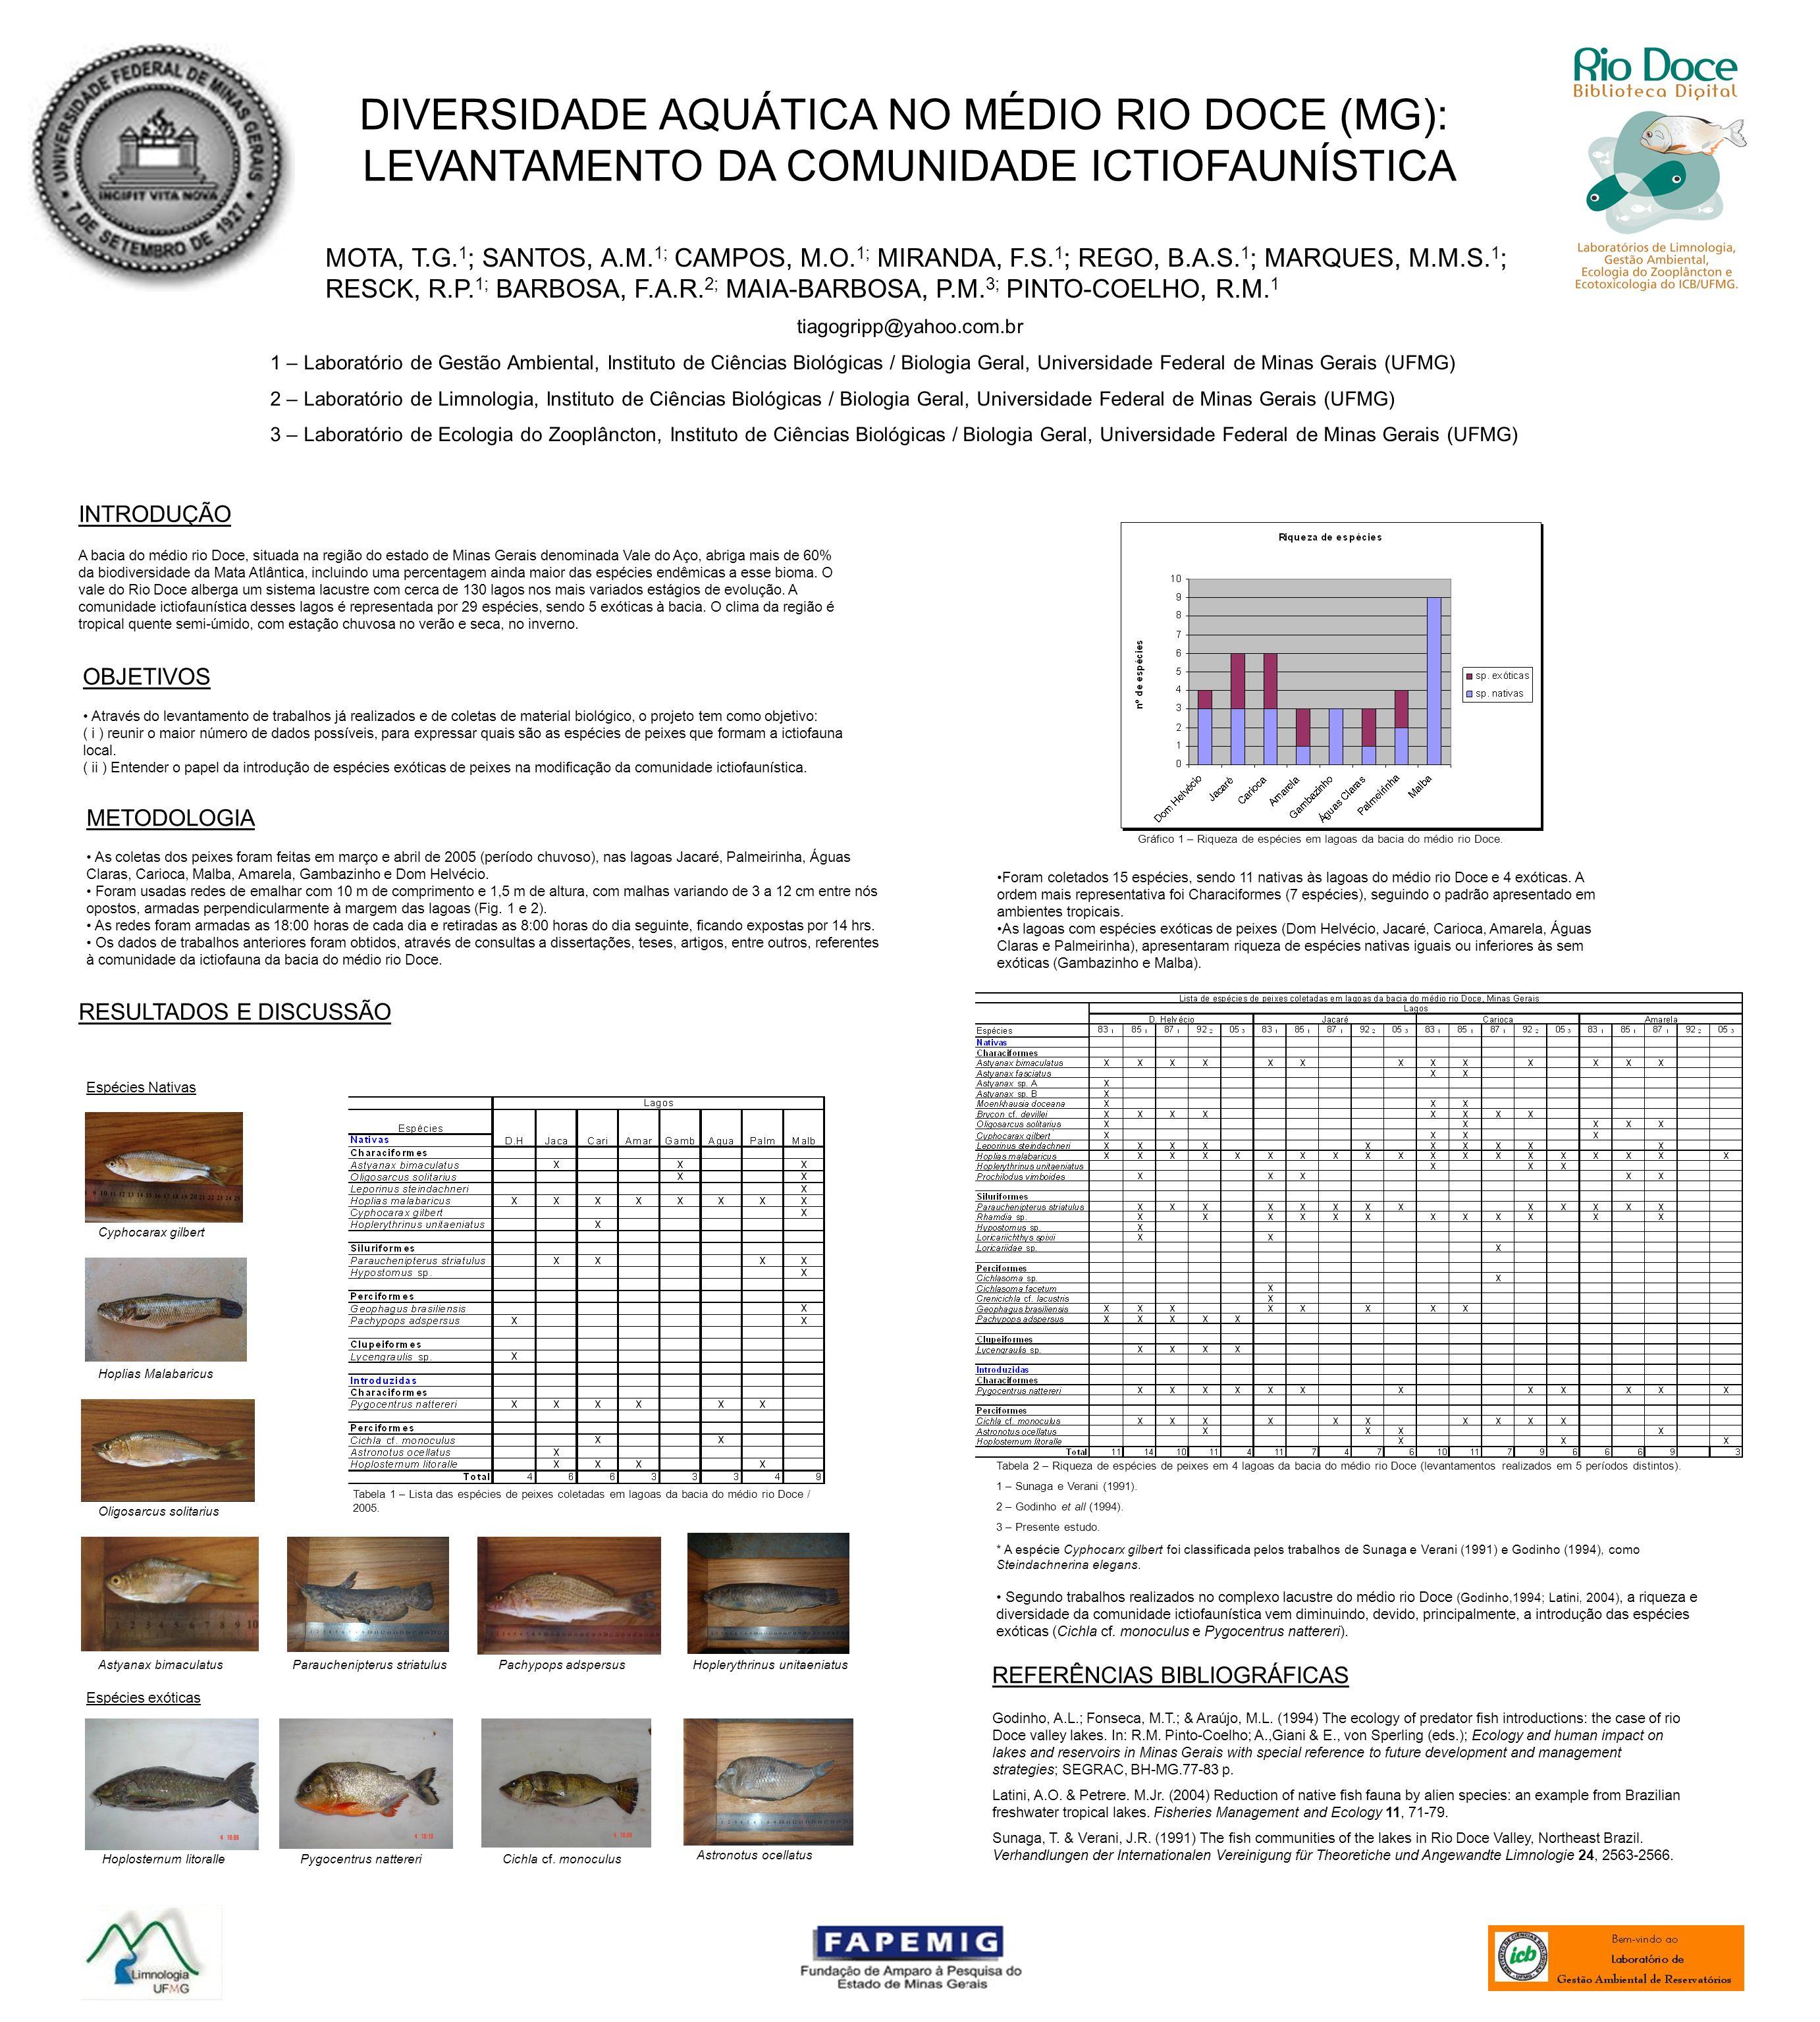 DIVERSIDADE AQUÁTICA NO MÉDIO RIO DOCE (MG): LEVANTAMENTO DA COMUNIDADE ICTIOFAUNÍSTICA MOTA, T.G. 1 ; SANTOS, A.M. 1; CAMPOS, M.O. 1; MIRANDA, F.S. 1